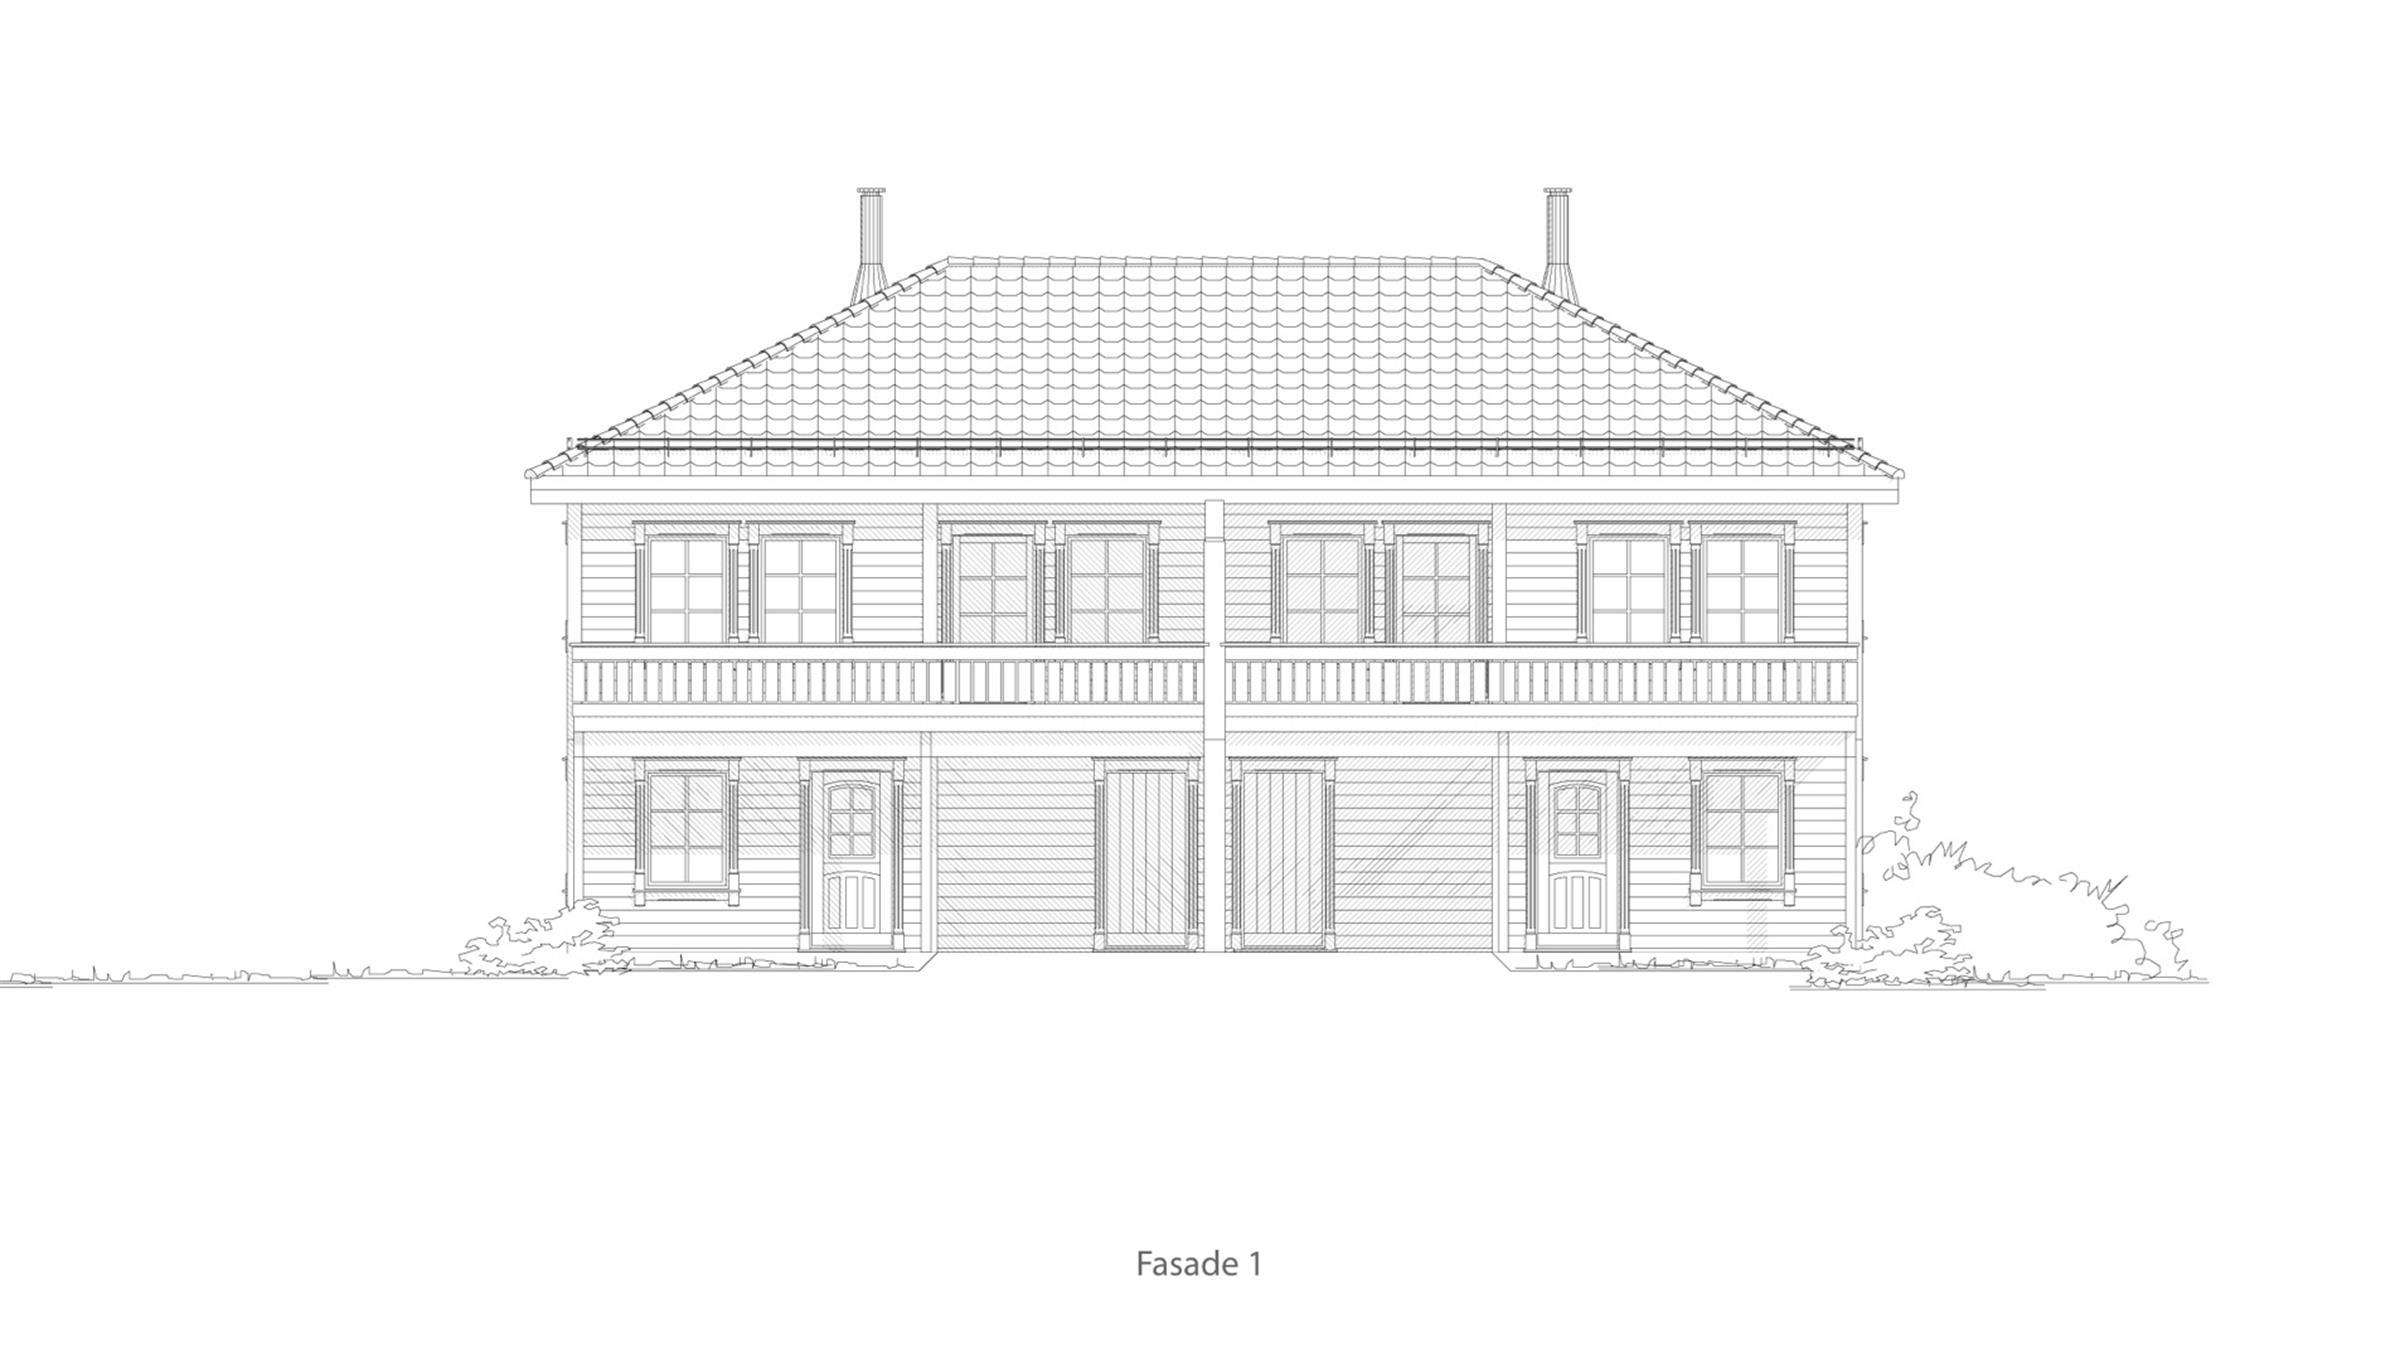 Halden fasade 1